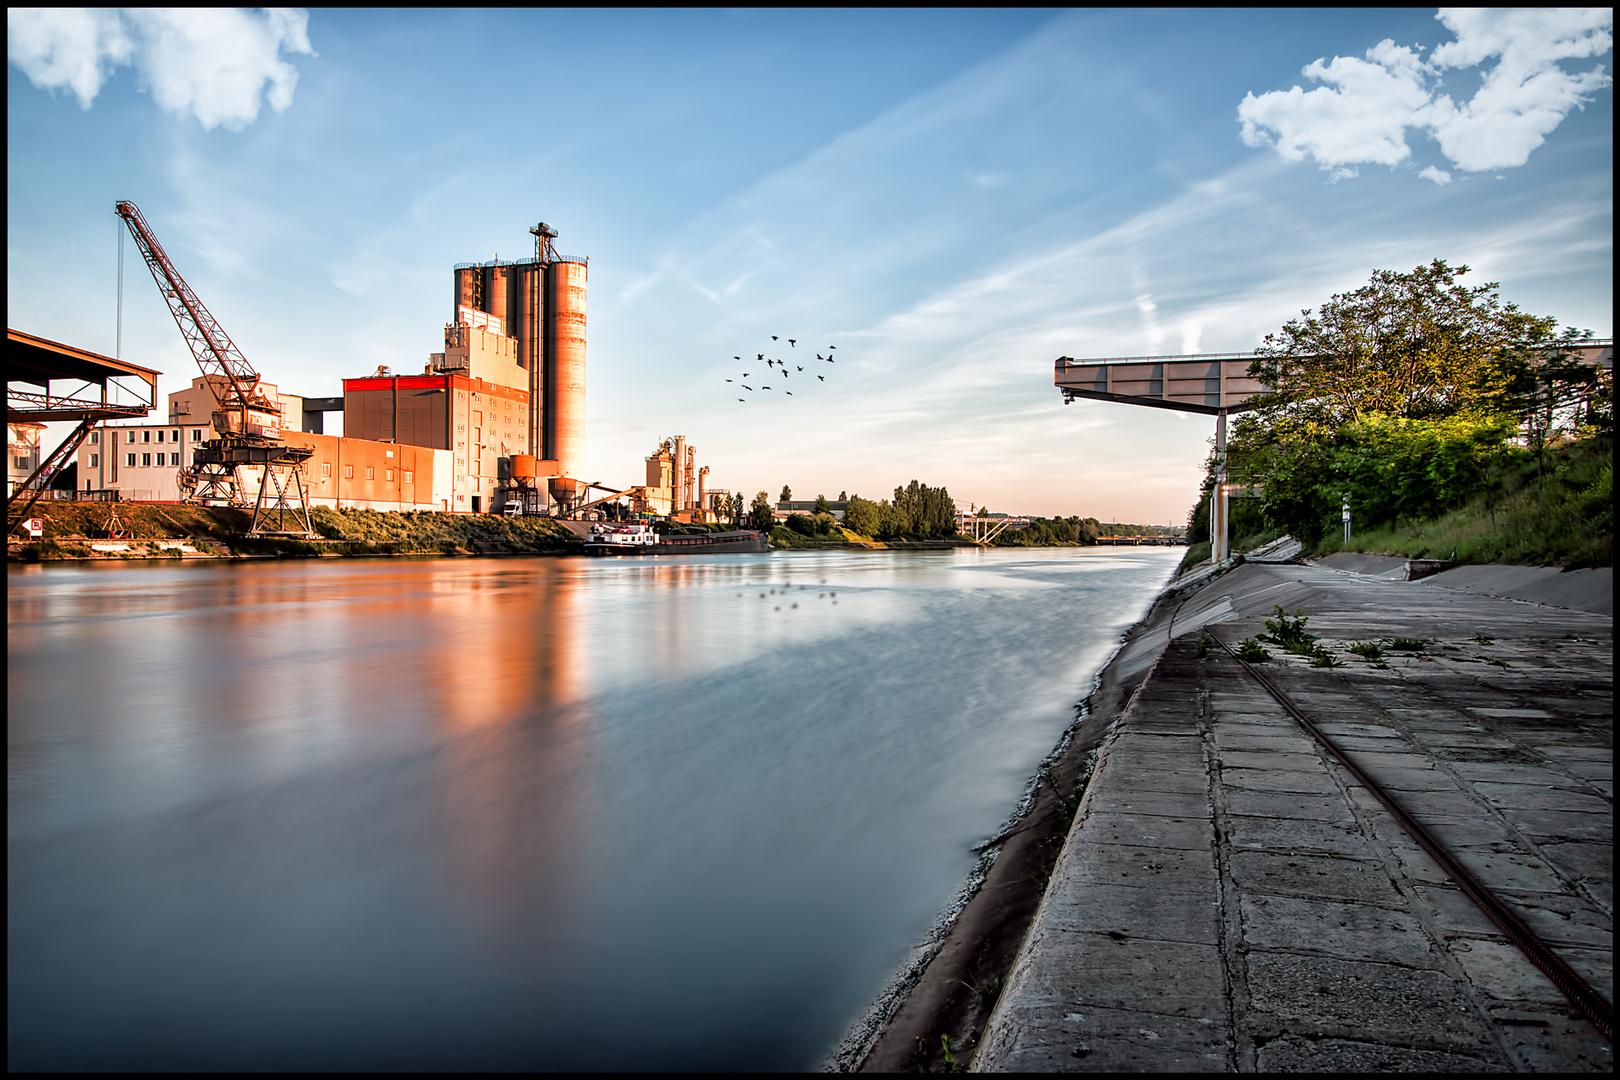 Industrielle Idylle am Neckar Pt.2